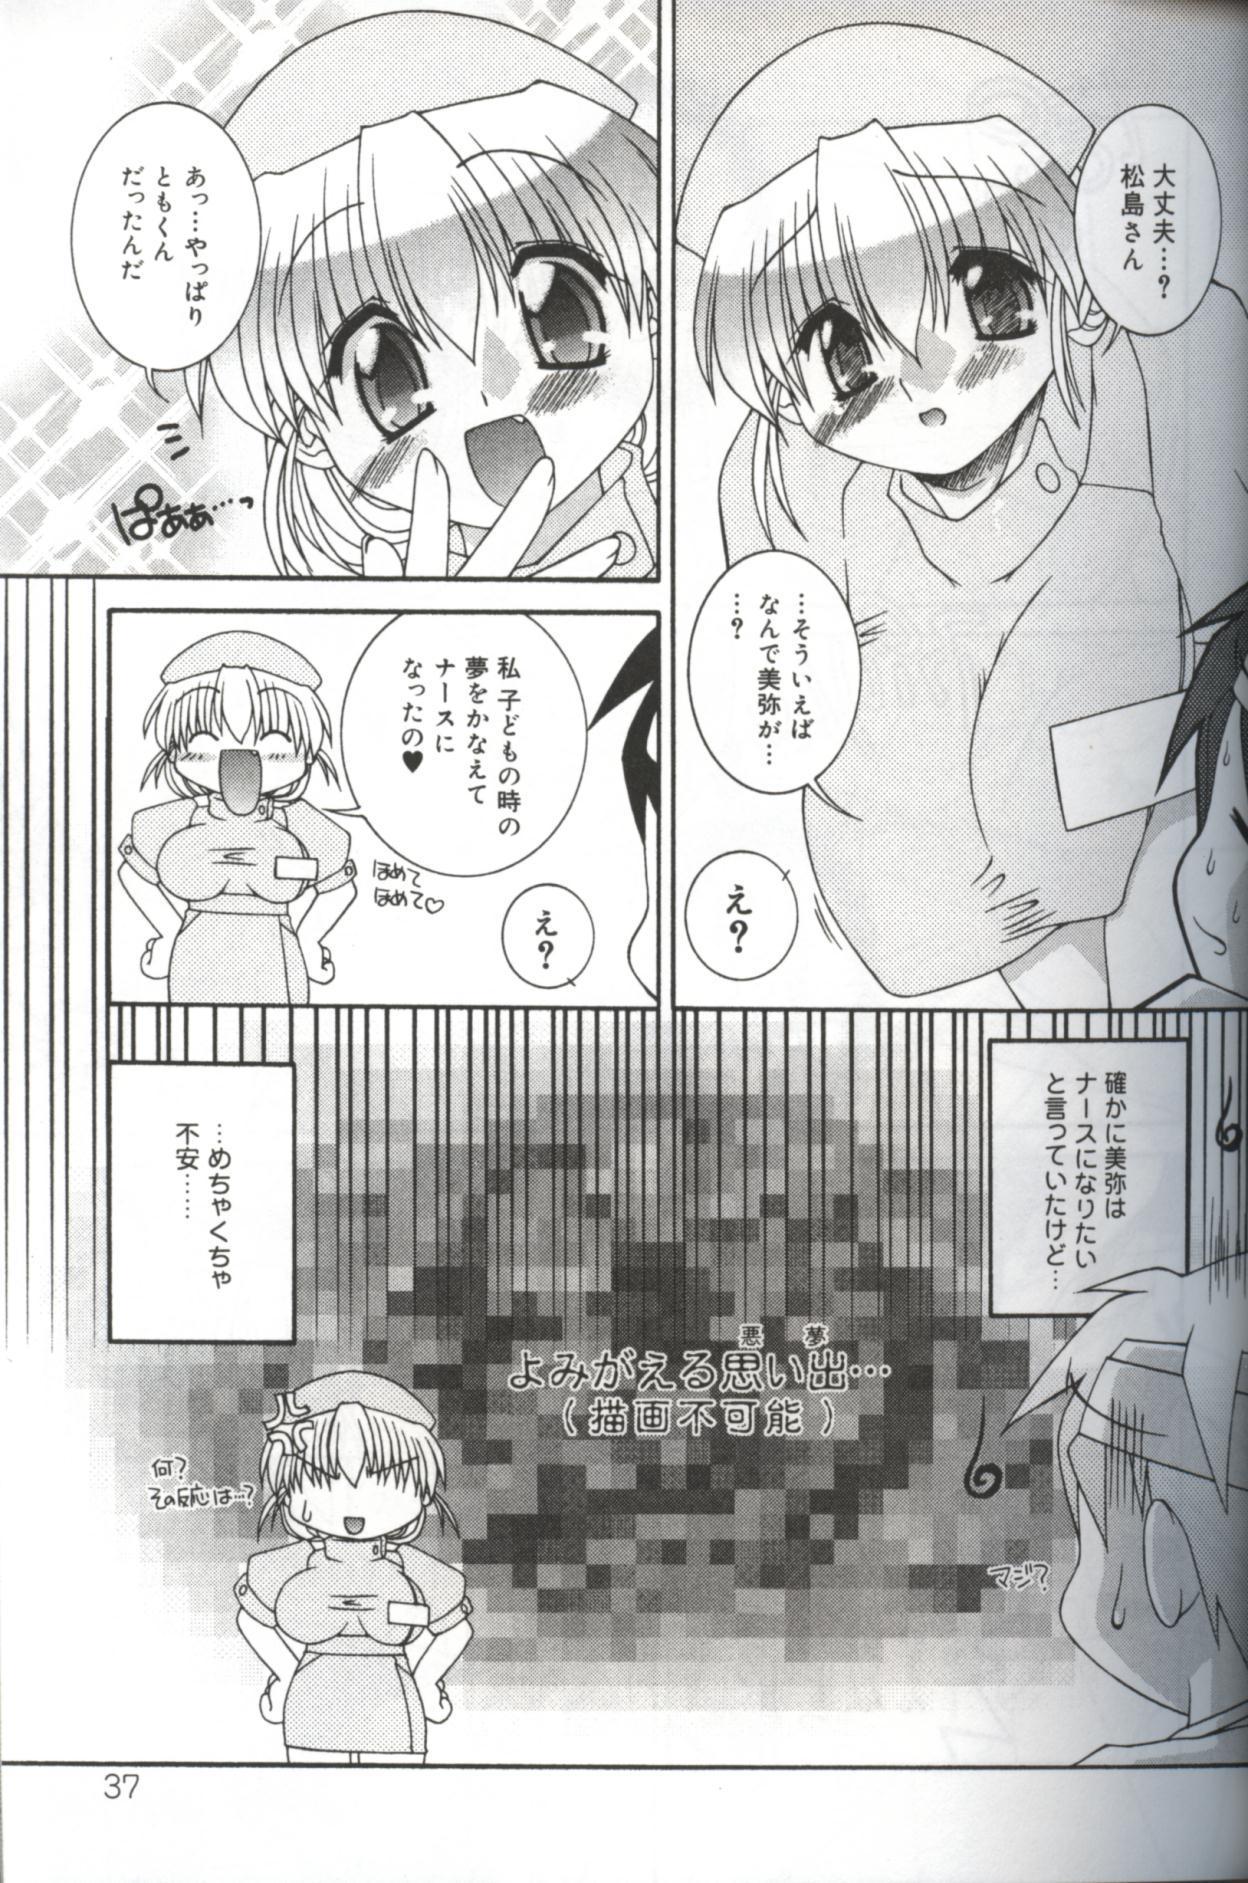 Hatsujou ♡ Oneesama 38